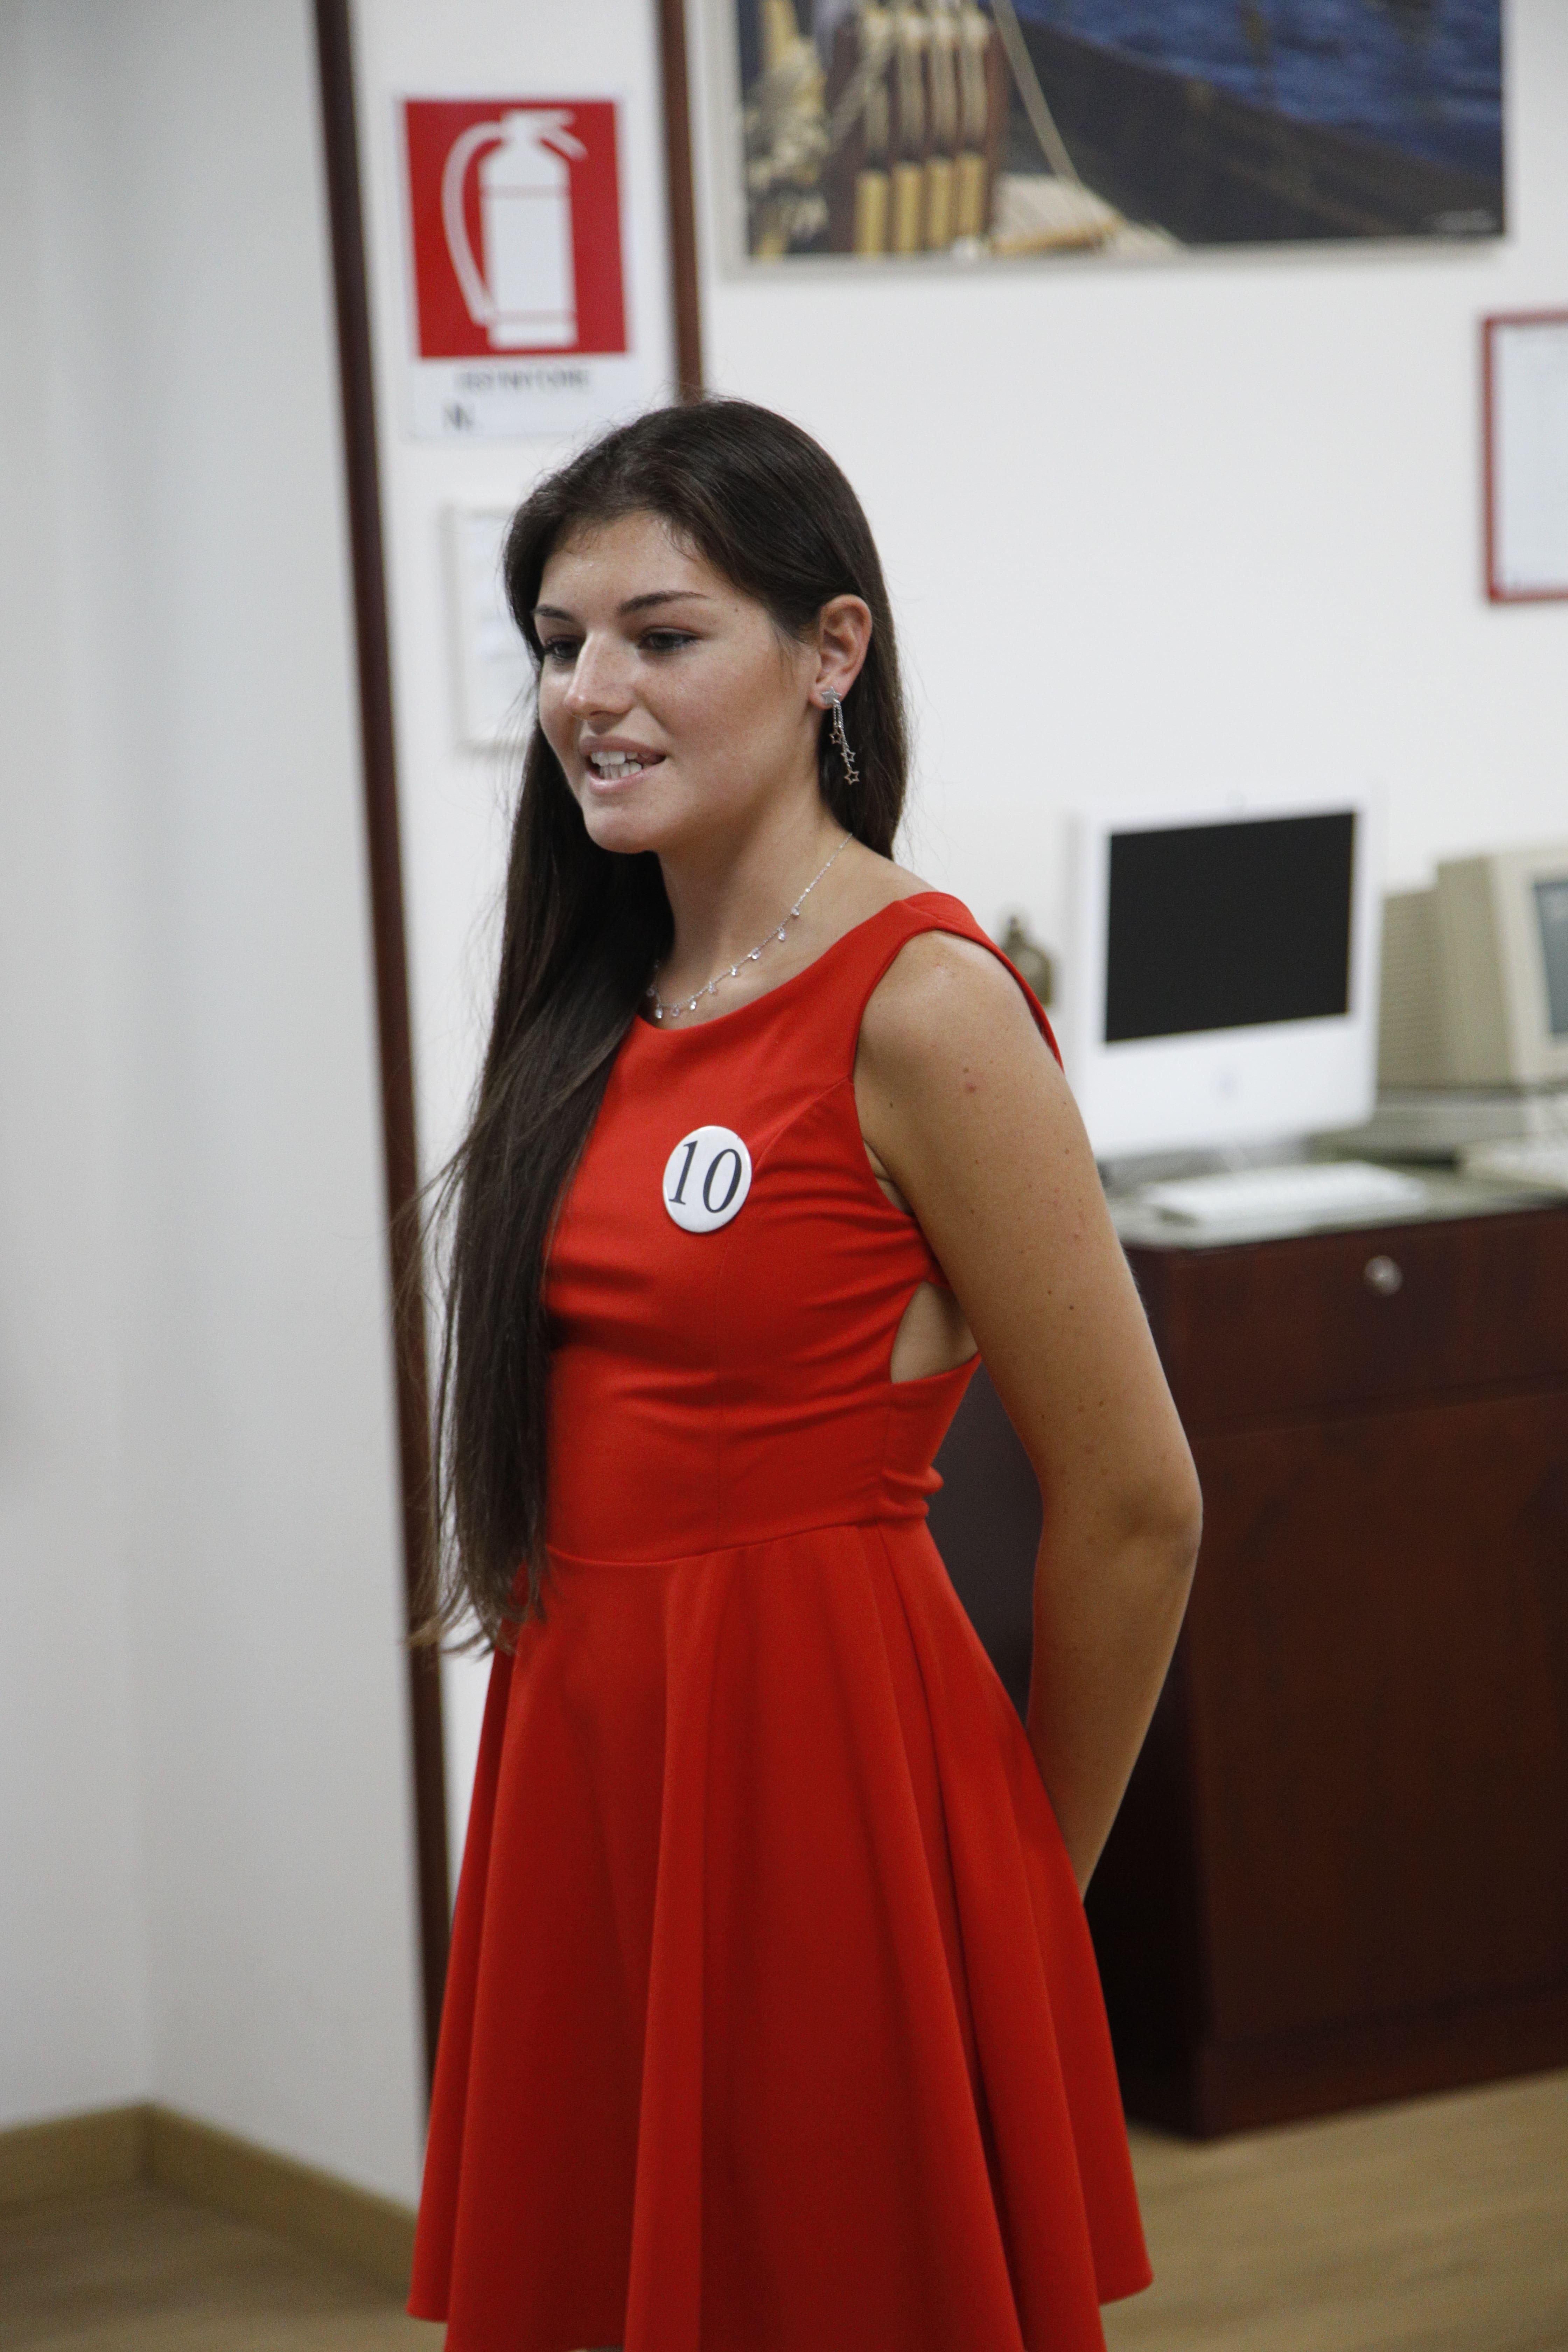 Finale nazione Miss Mondo Italia 2021 Audizione Talent 1 - 13